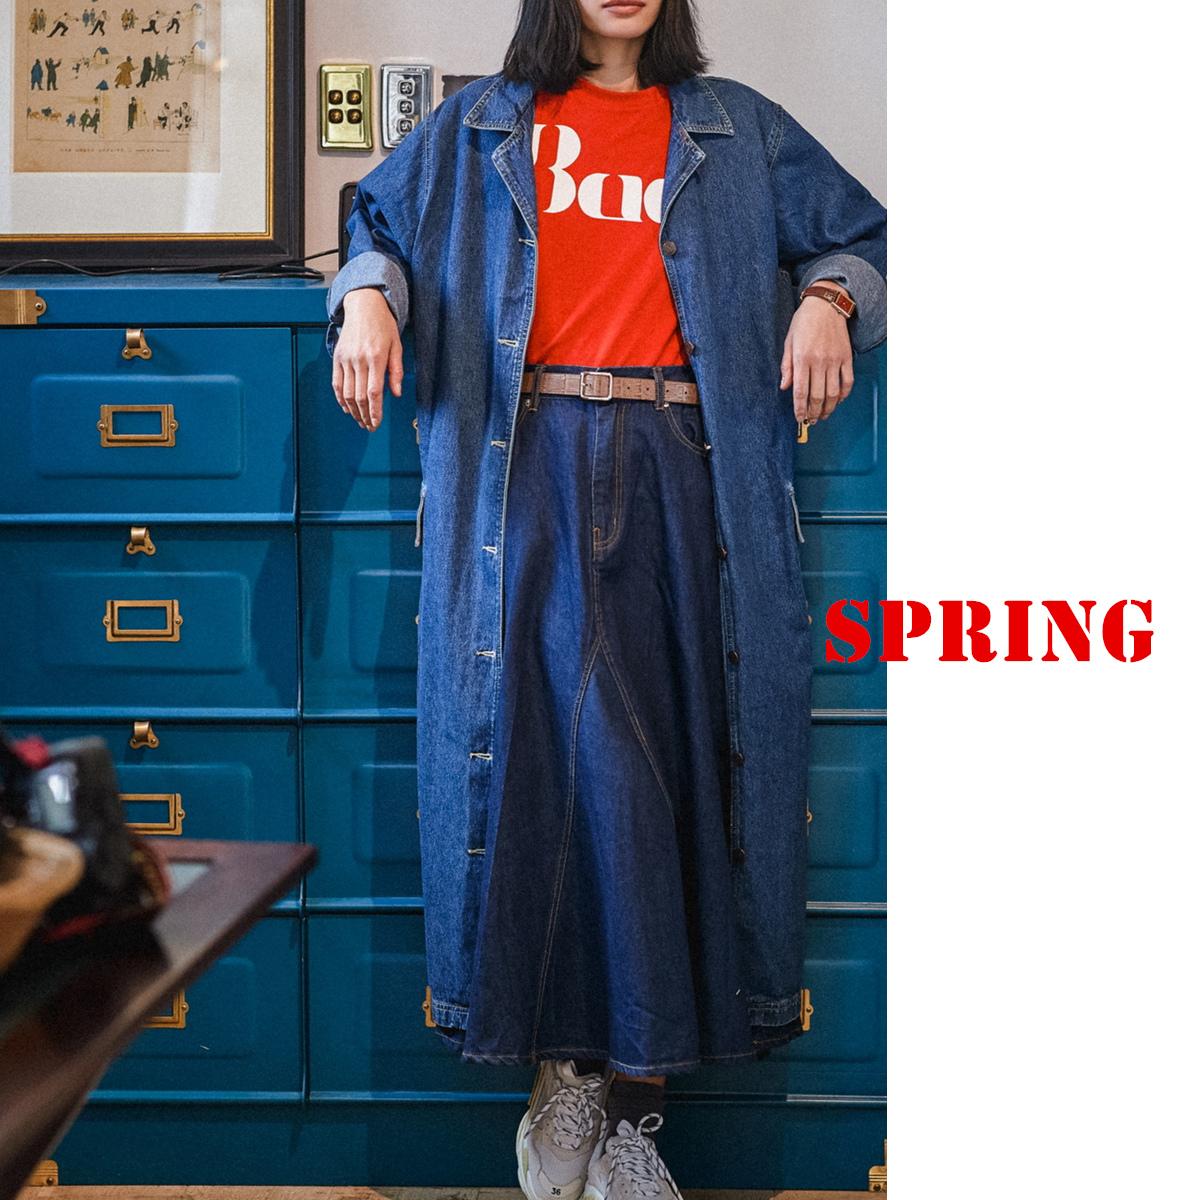 风衣外套 原创古着oversize牛仔风衣超长及踝西装领金属排口外套减龄少女春_推荐淘宝好看的女风衣外套